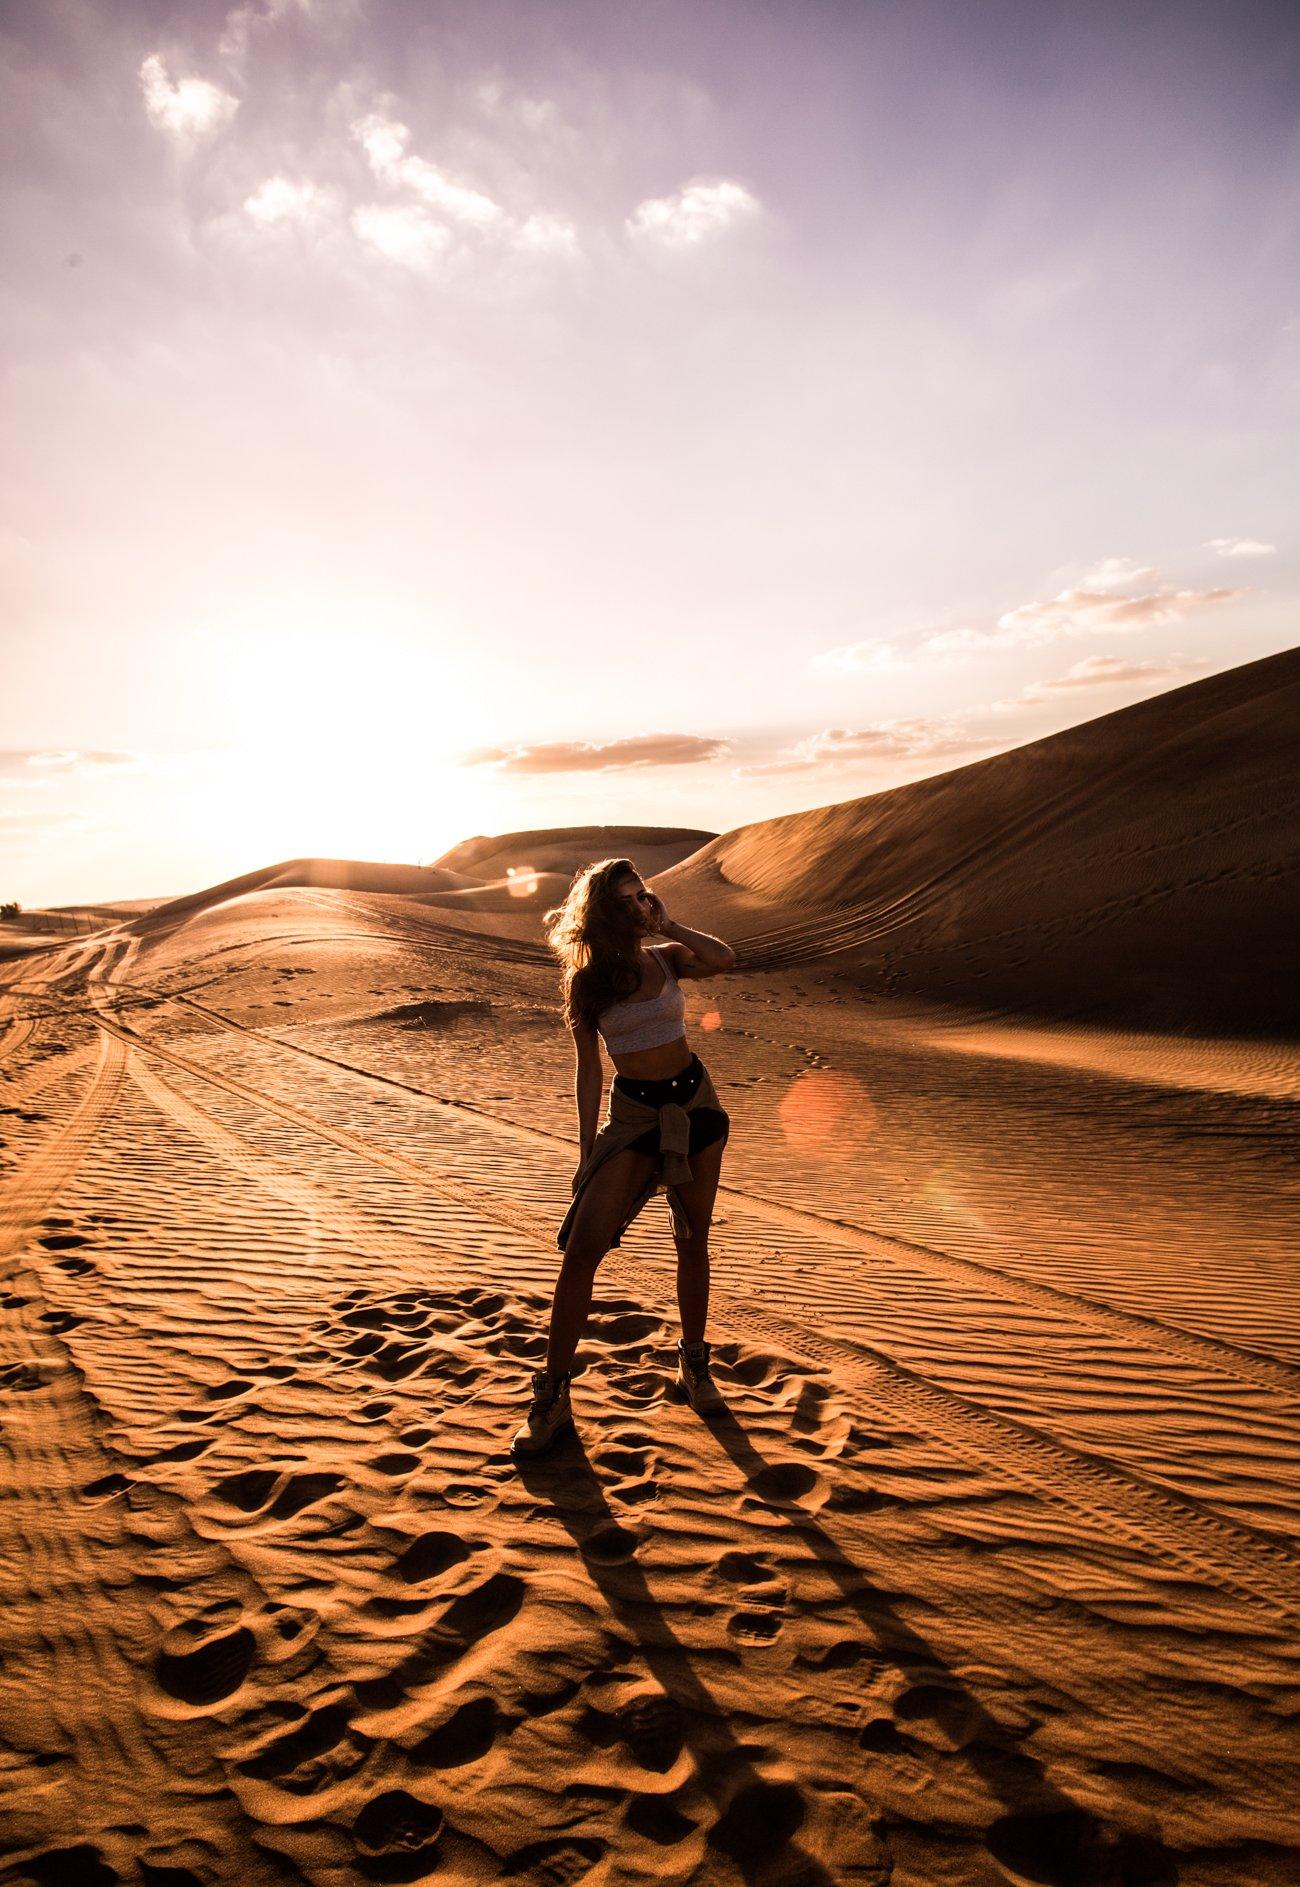 kenzazouiten_desert_st-6